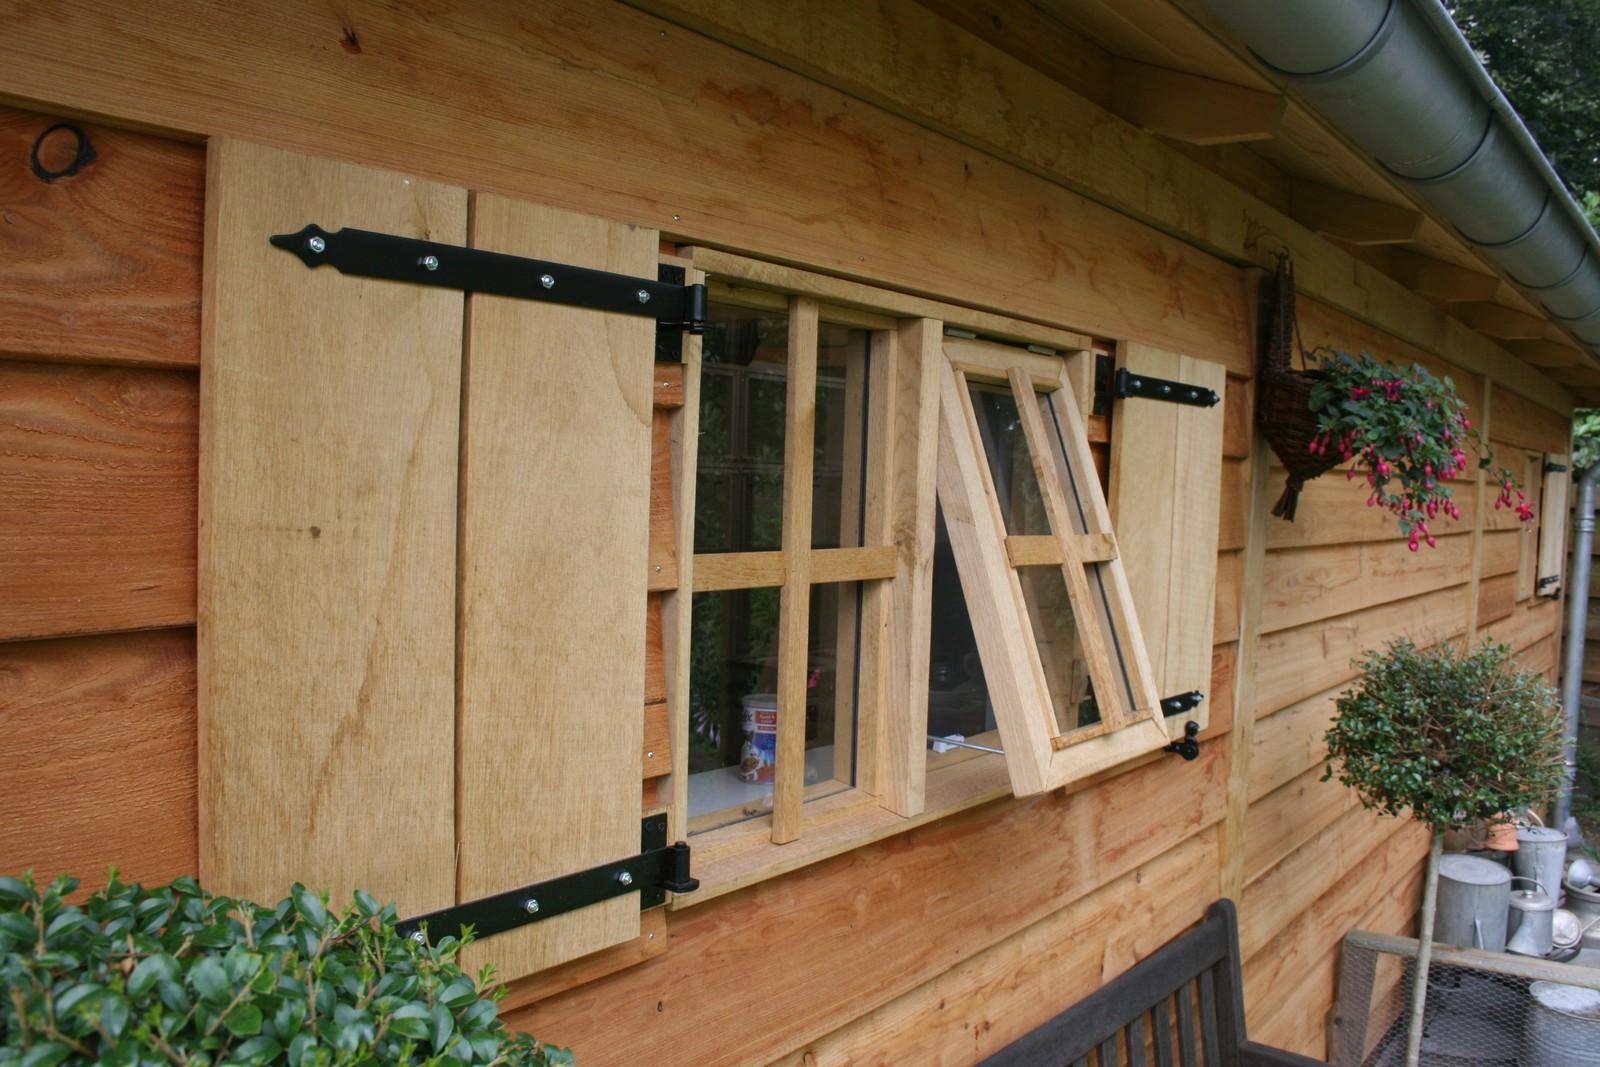 Duurzame_tuinhuis - Houten dierenopvang met overkapping gemaakt van duurzaam eikenhout.